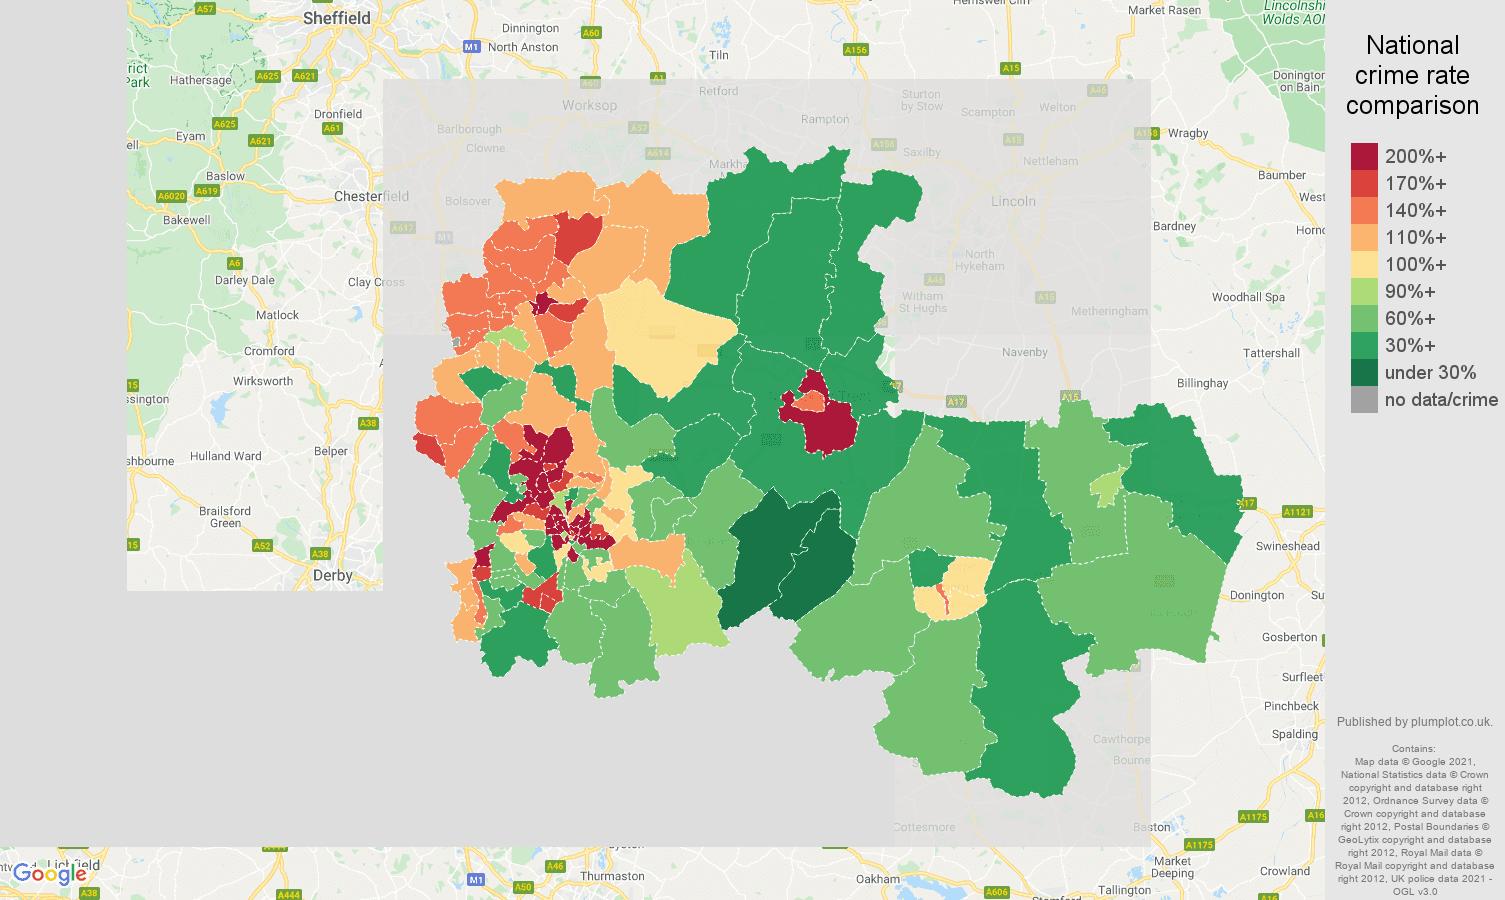 Nottingham antisocial behaviour crime rate comparison map